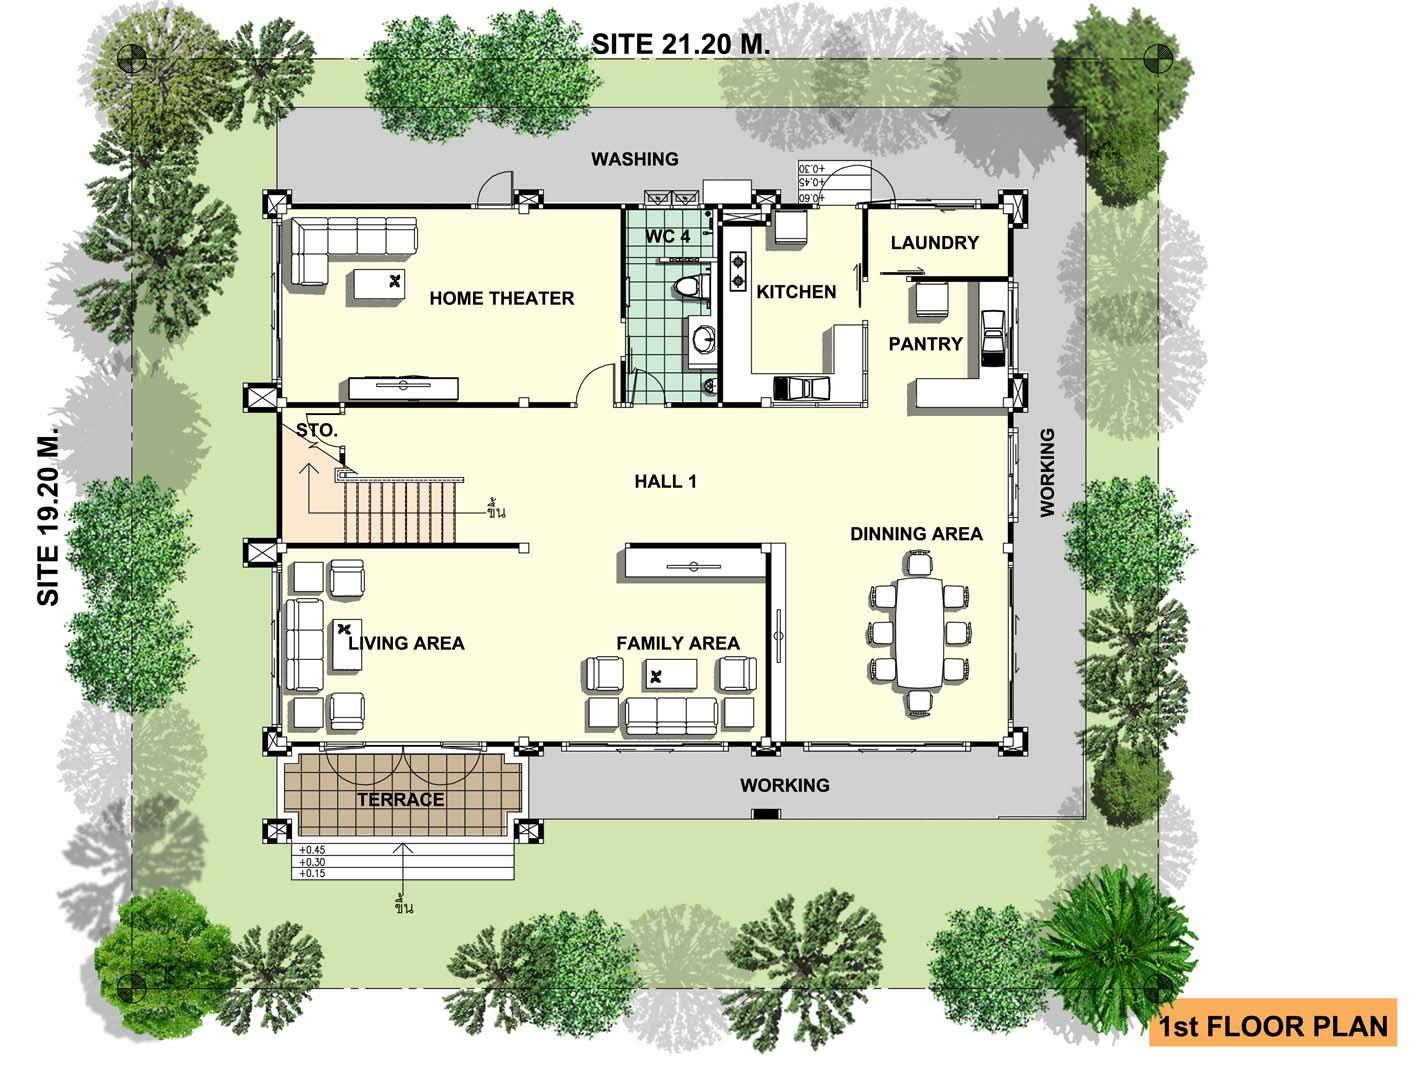 แบบบ้านโมเดิร์น บ้านสไตล์โมเดิร์น สวย ทันสมั